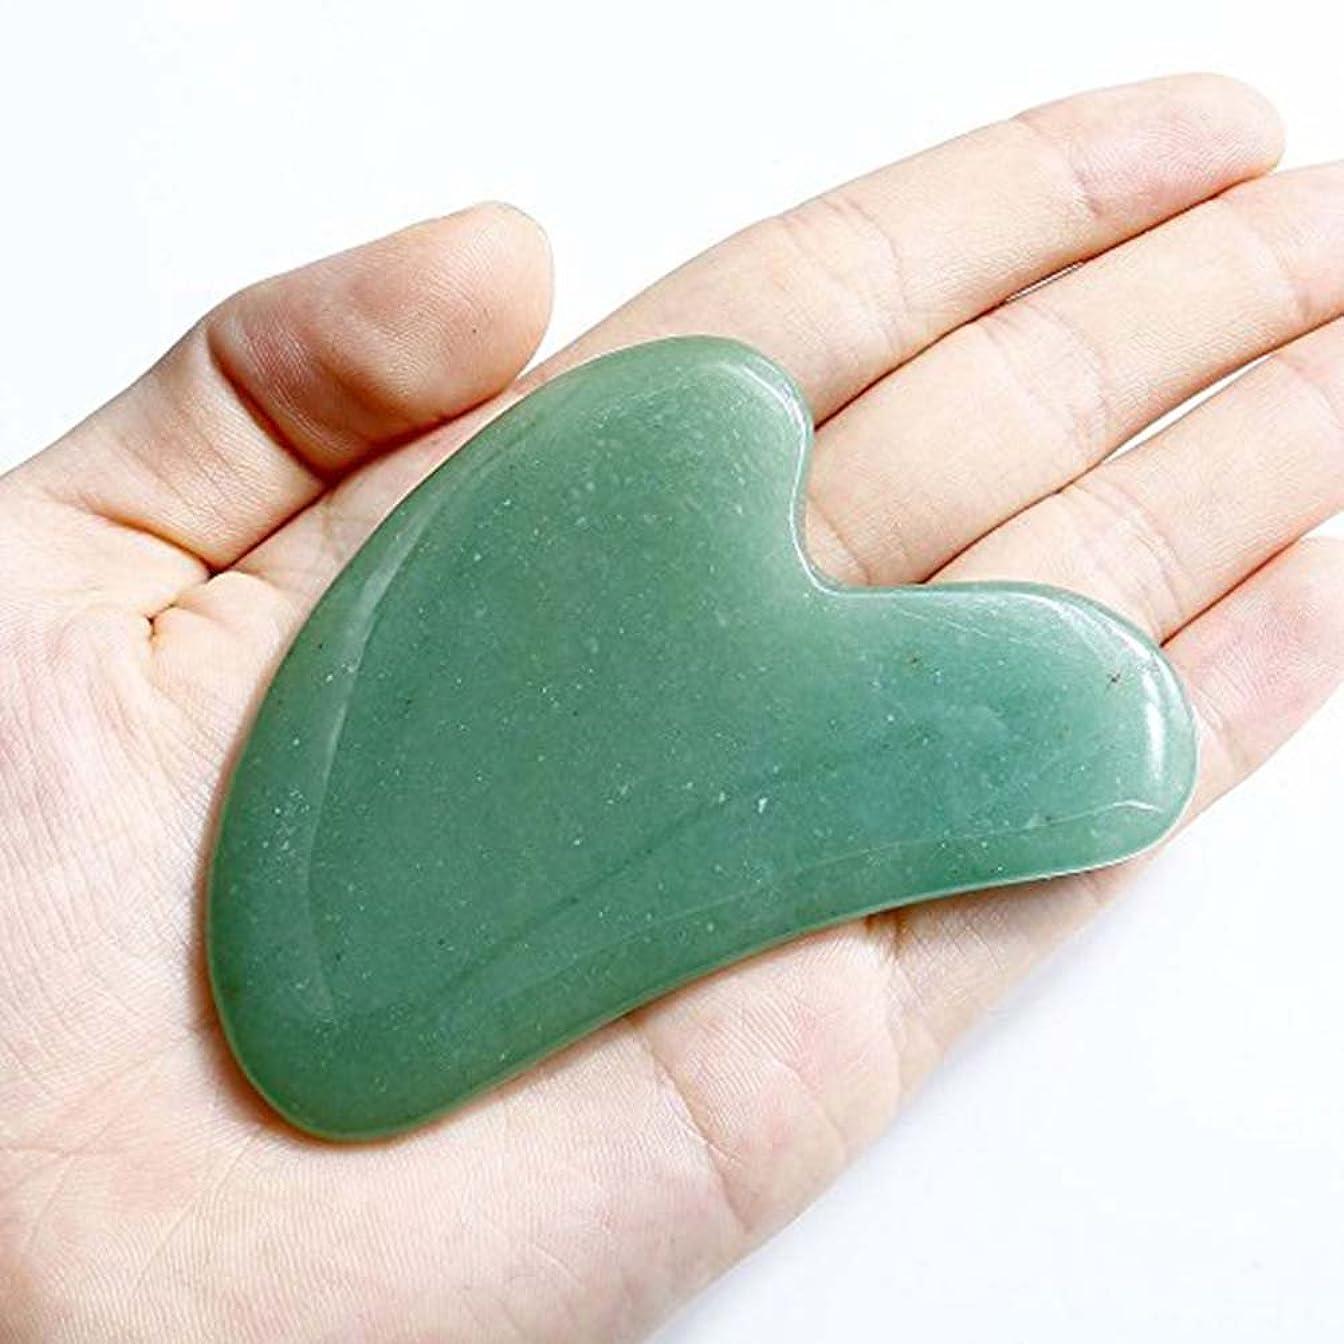 試してみるデモンストレーション警告Echo & Kern Face / Body Massage Green Aventurine heart shape ハート形状かっさプレート 天然石 翡翠色(顔?ボディのリンパマッサージ) (かっさプレートH)